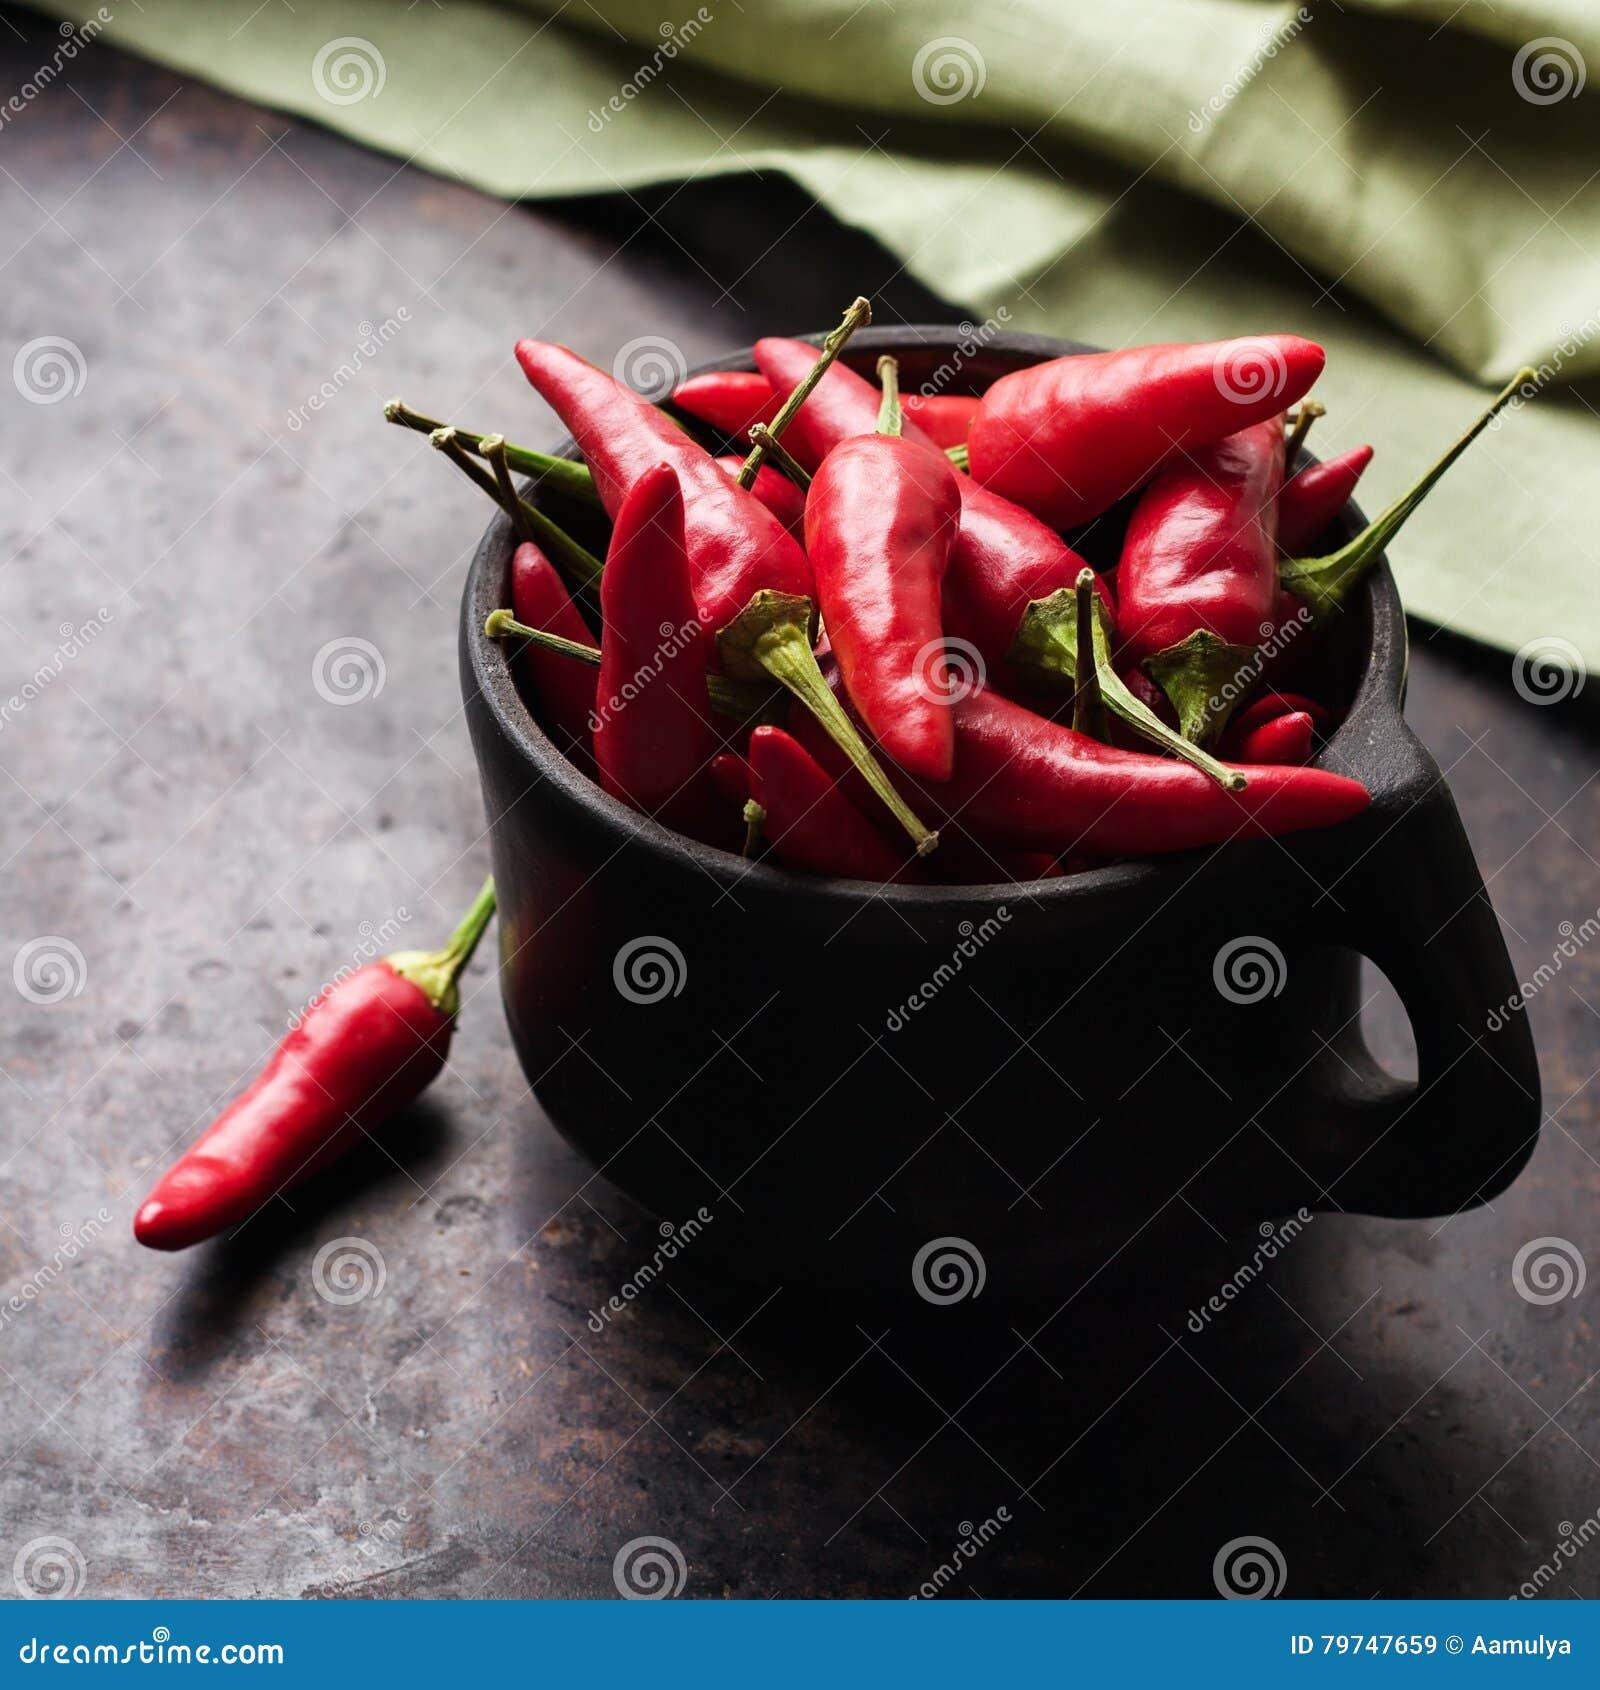 Pimientas de chile rojo crudas en una tabla oxidada negra